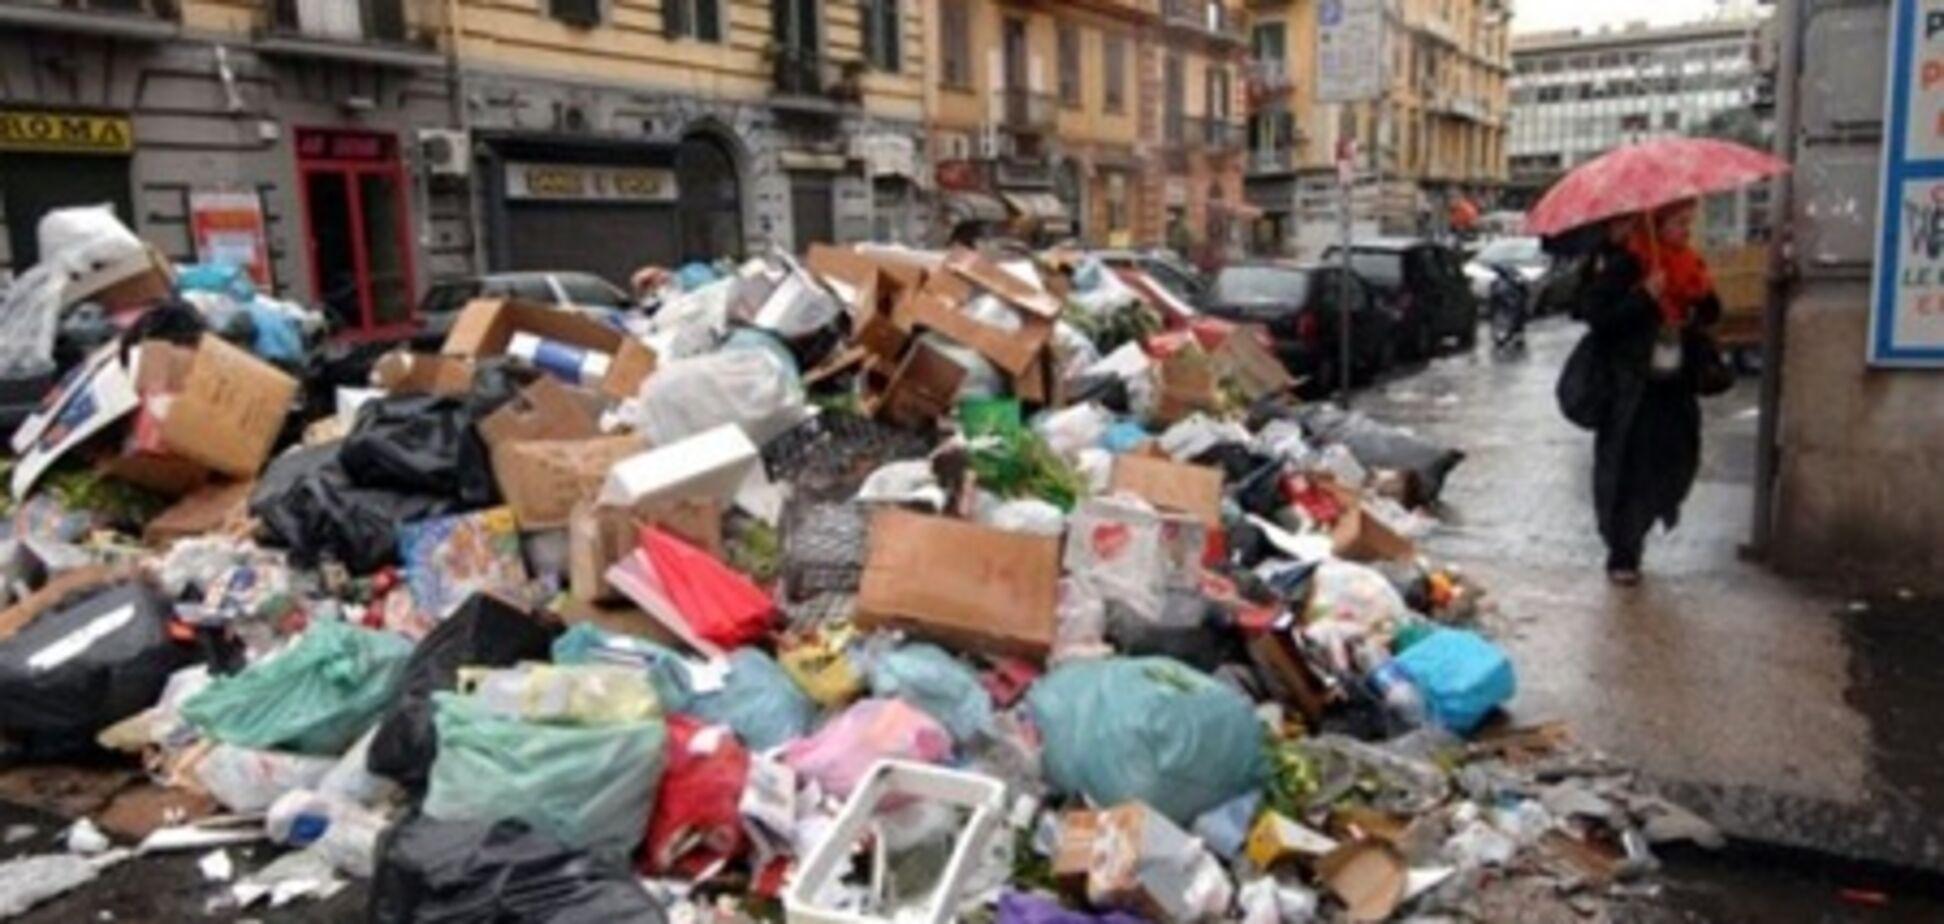 Руководство Киева недовольно благоустройством города